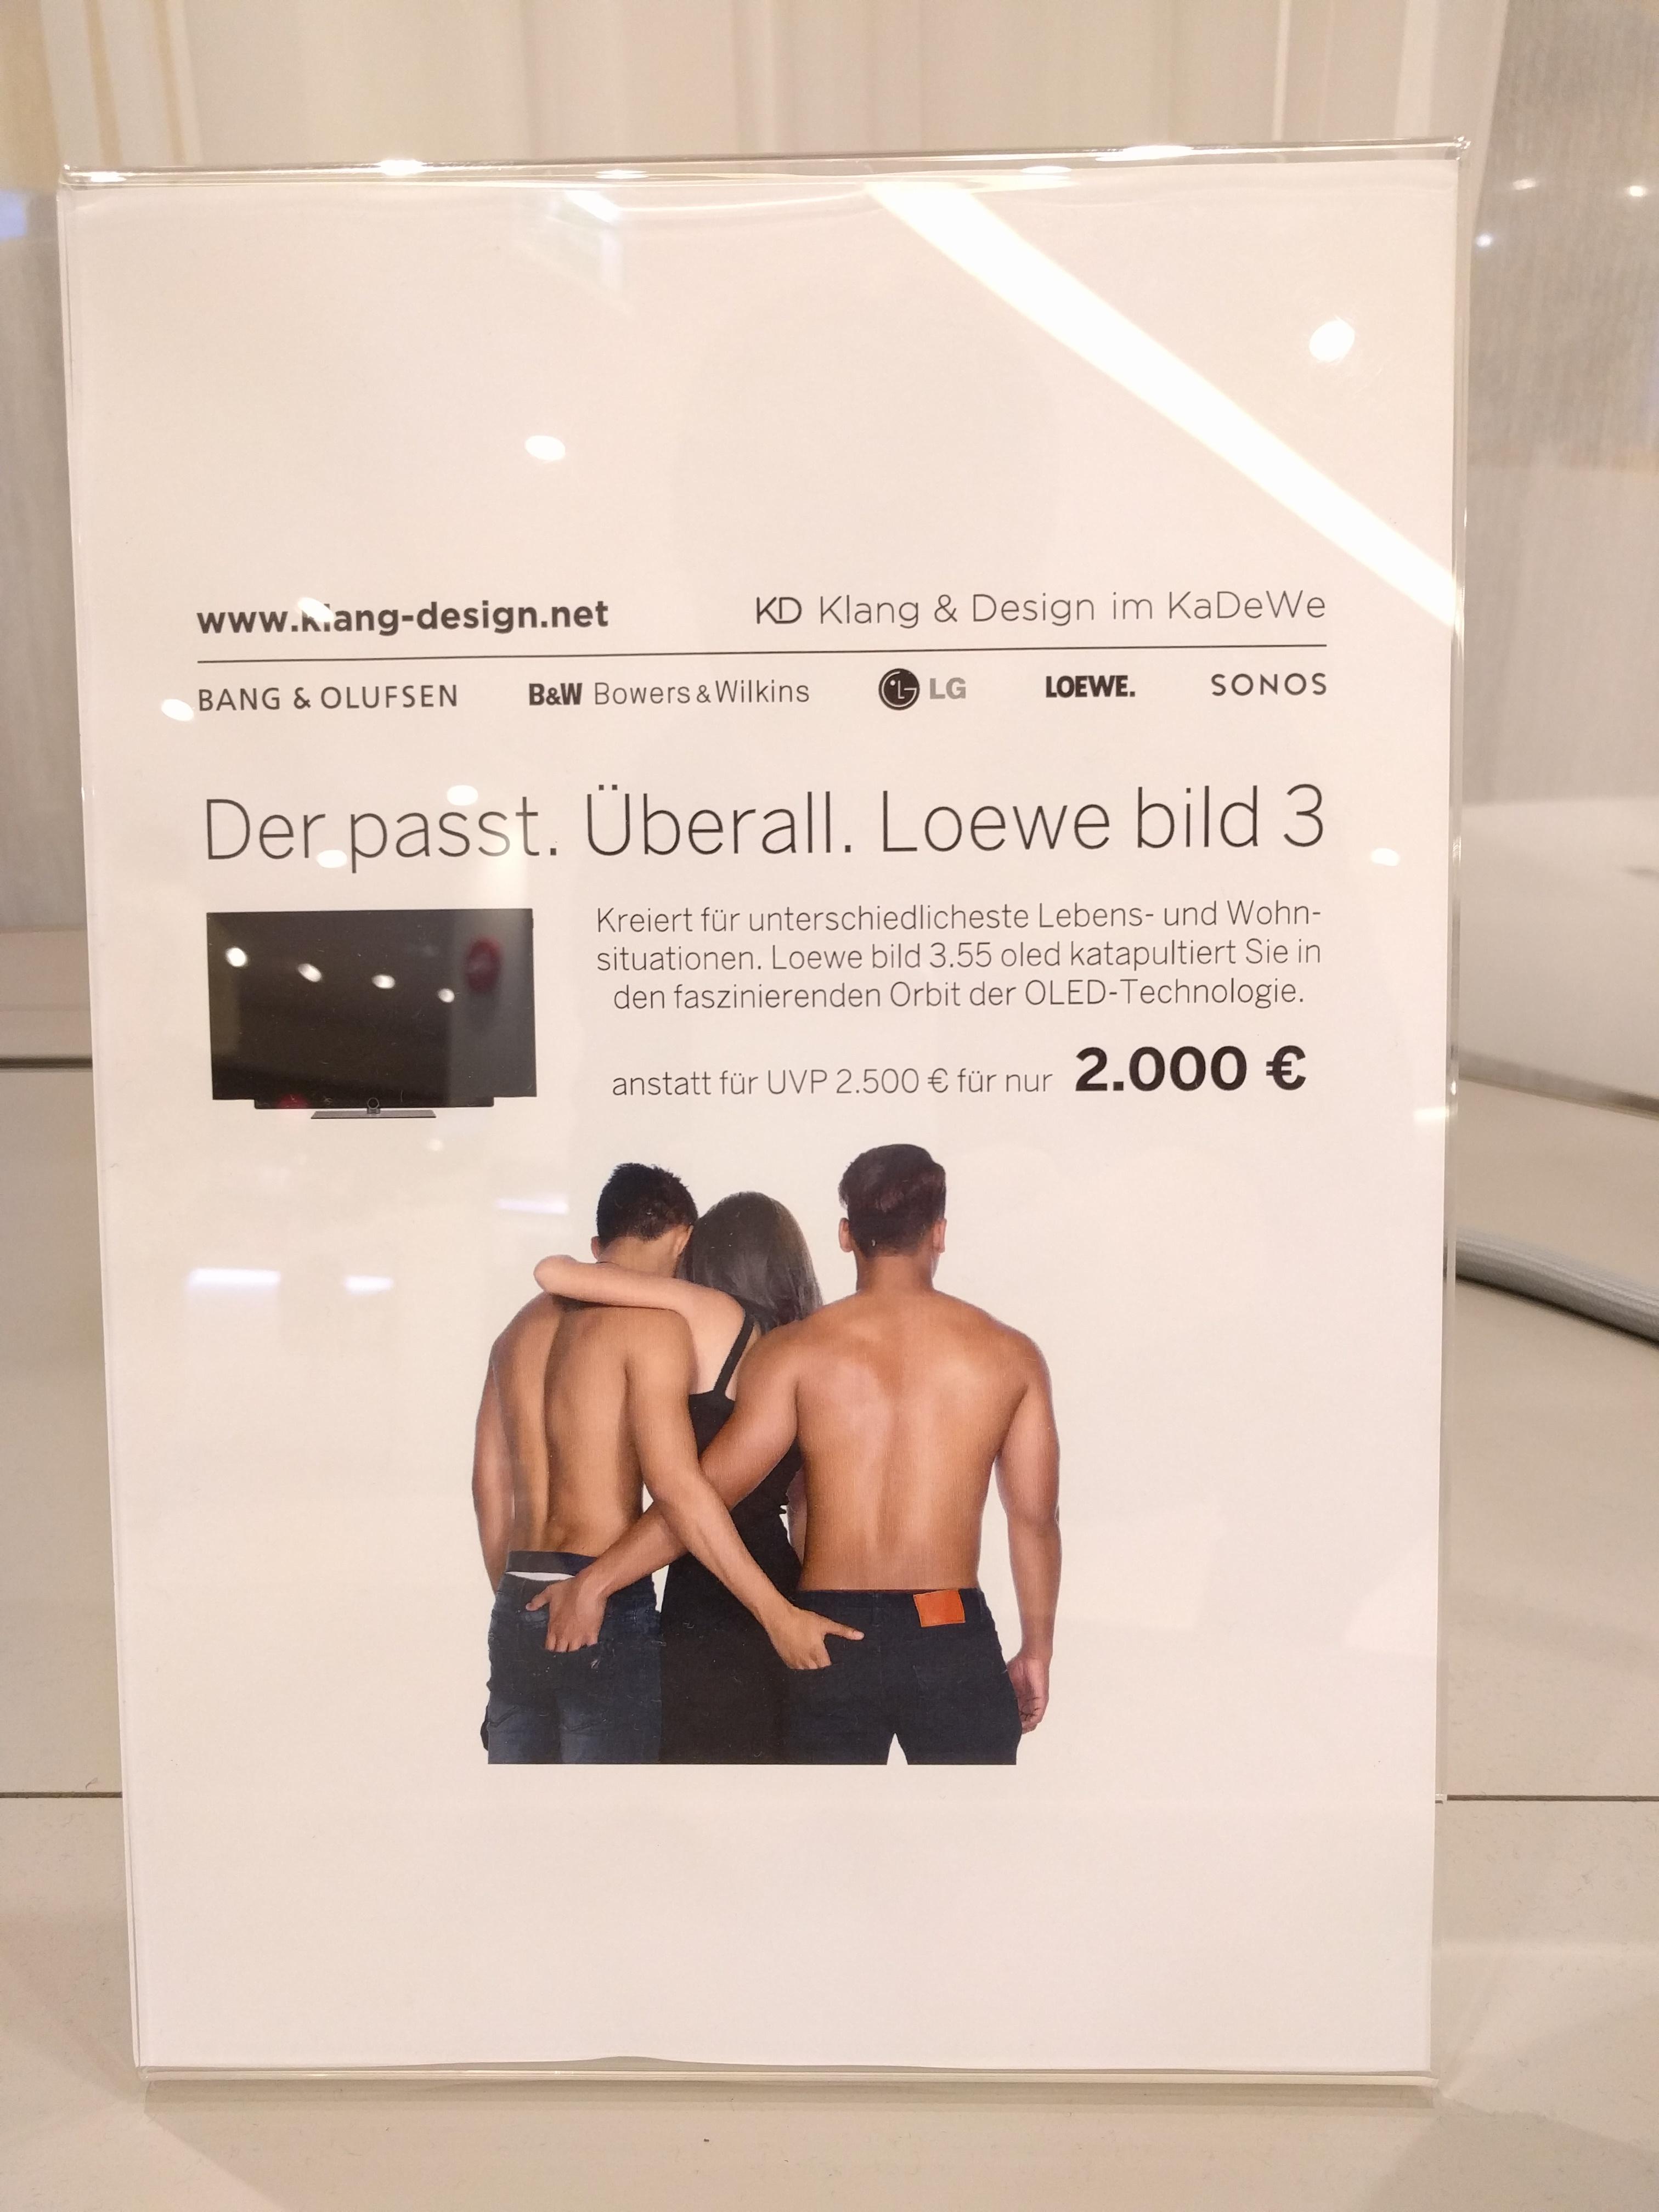 Loewe Bild 3.55 OLED im KaDeWe Berlin